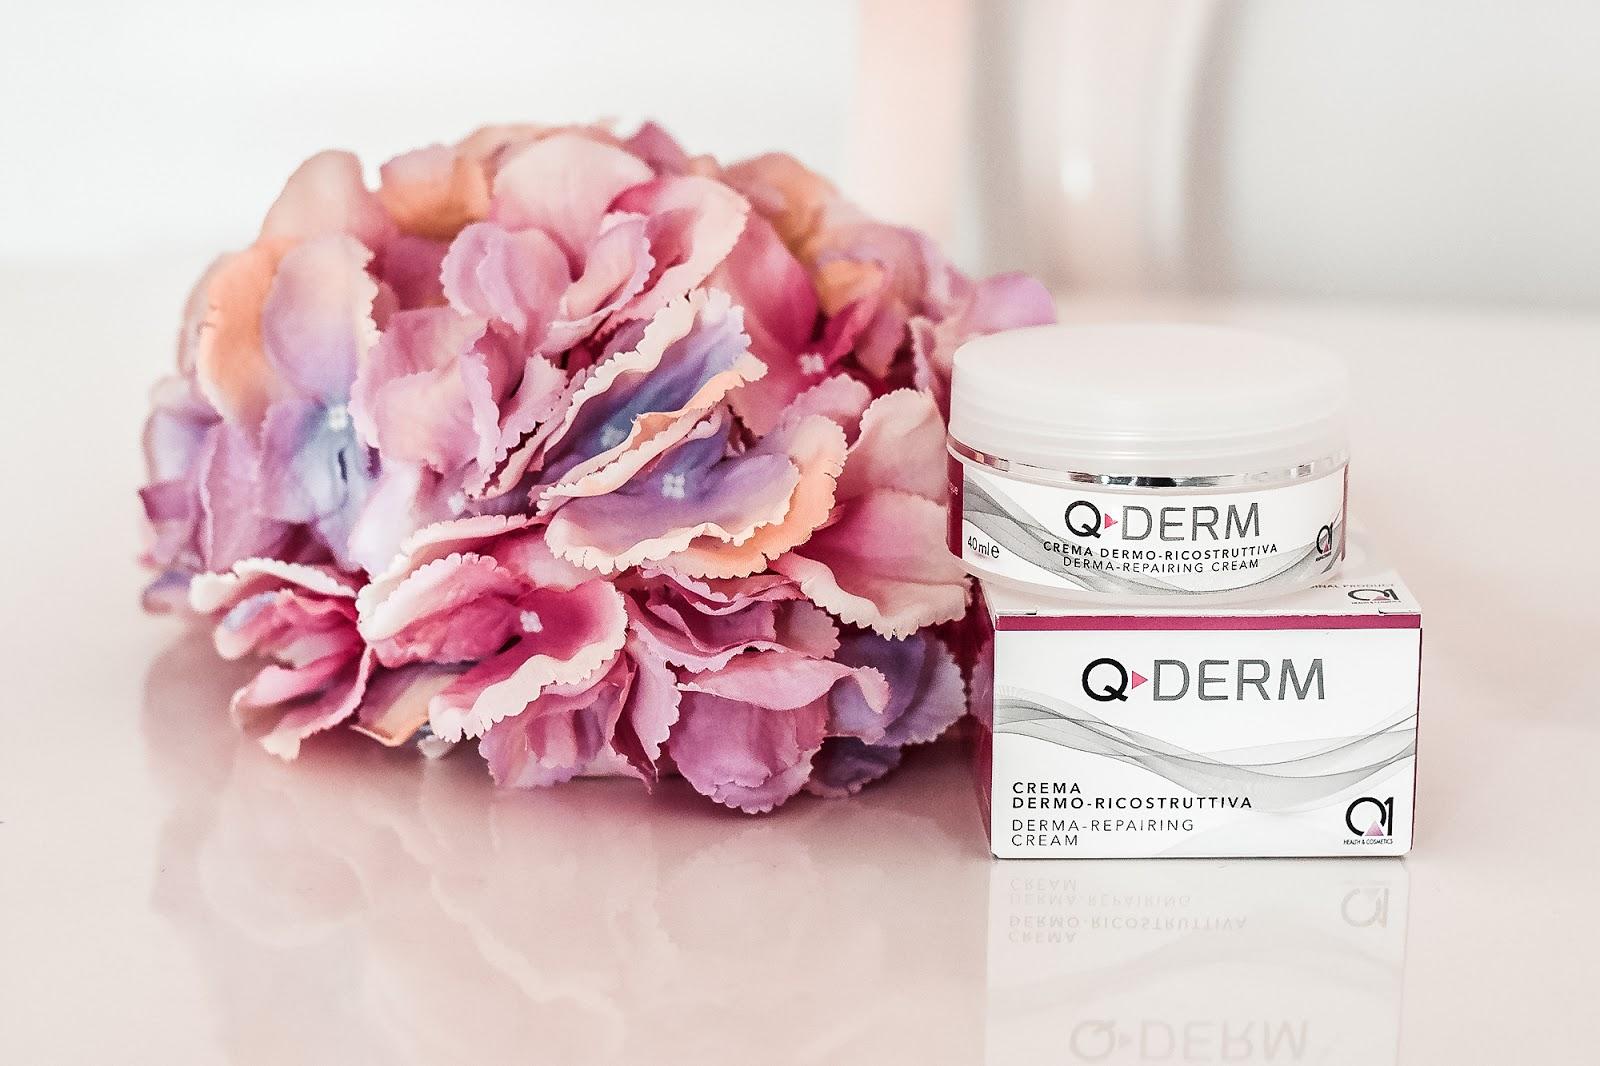 crema dermoricostruttiva